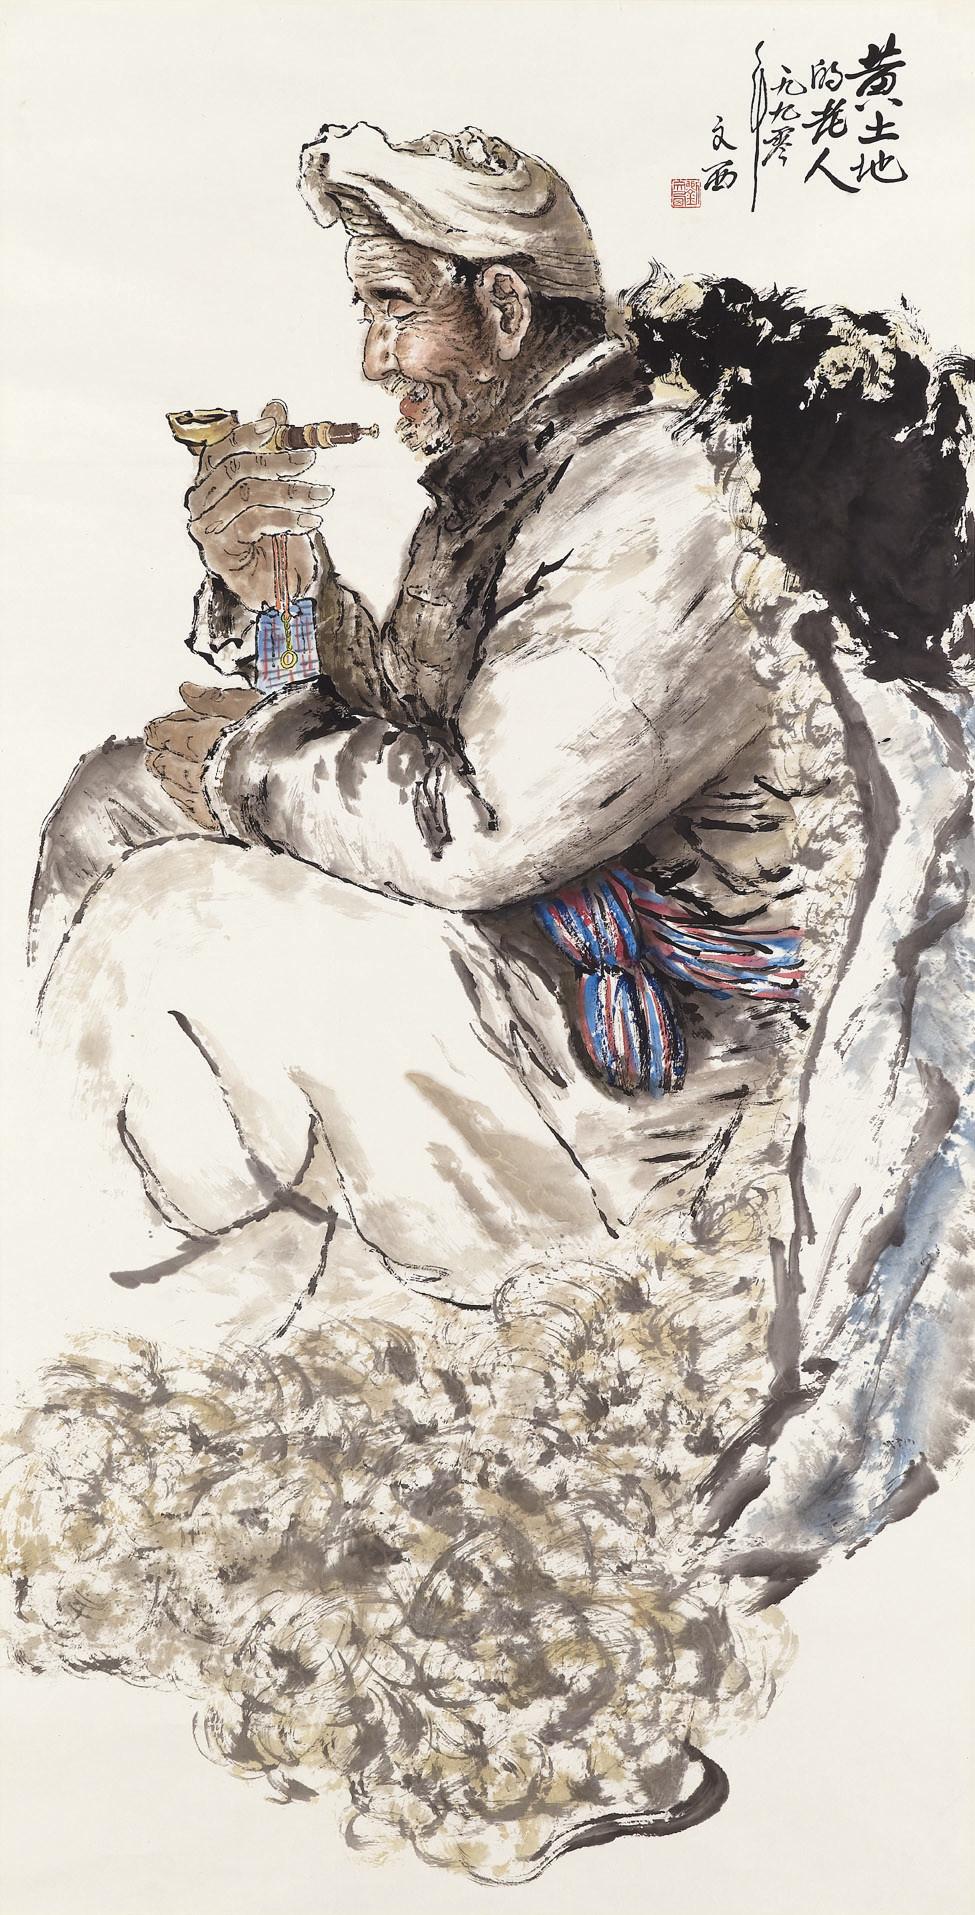 LIU WENXI (BORN 1933)